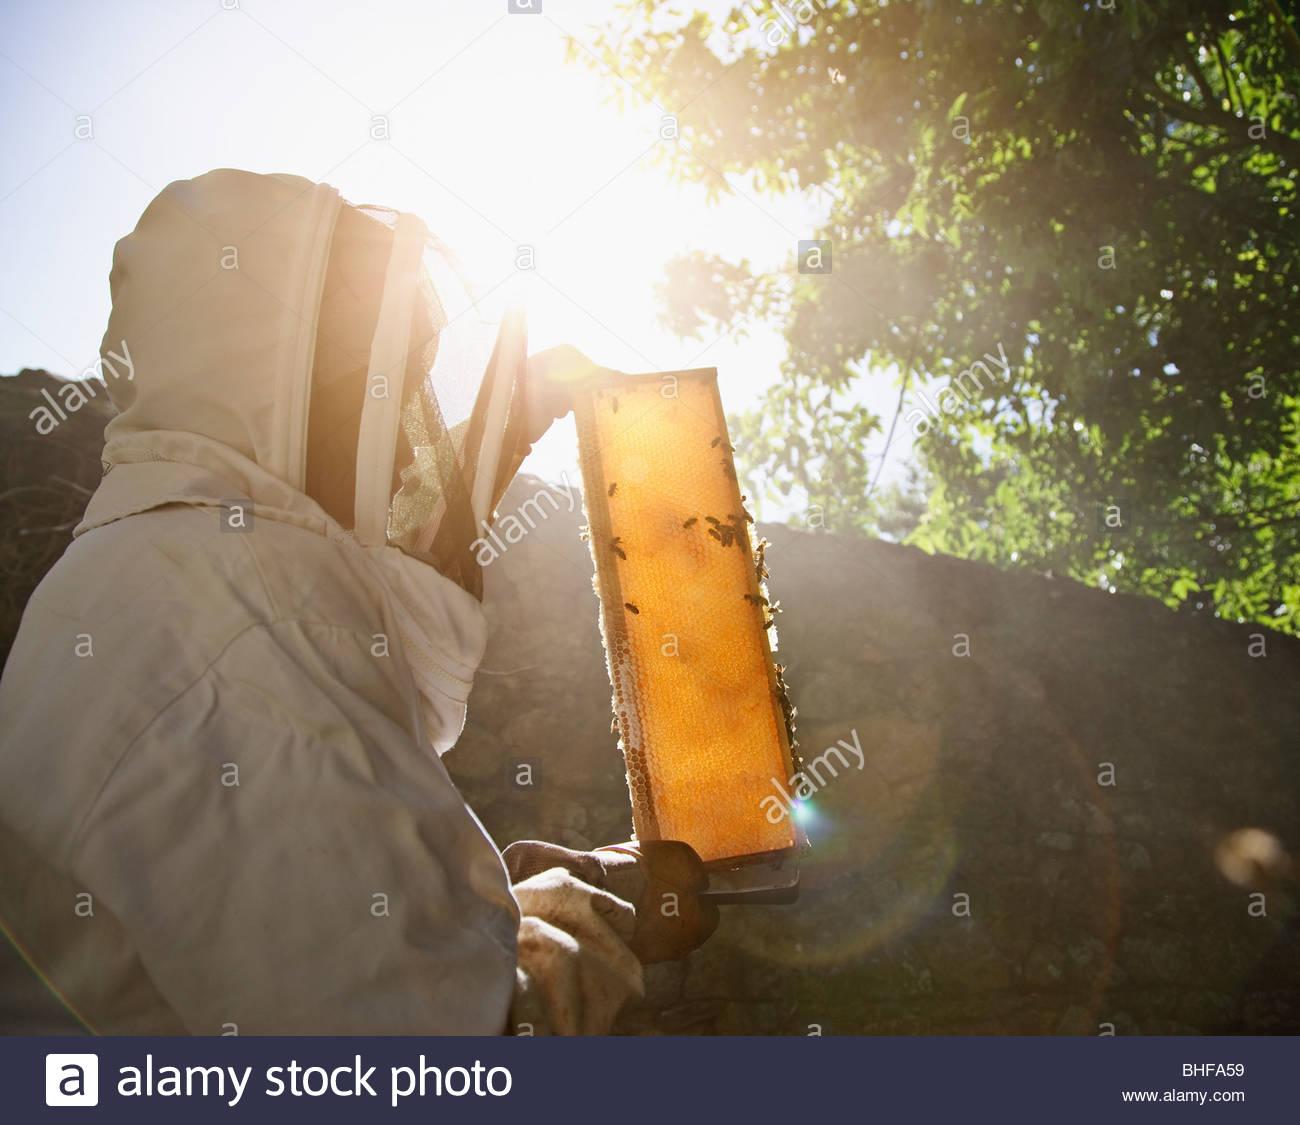 El apicultor la celebración de abejas y panal Imagen De Stock